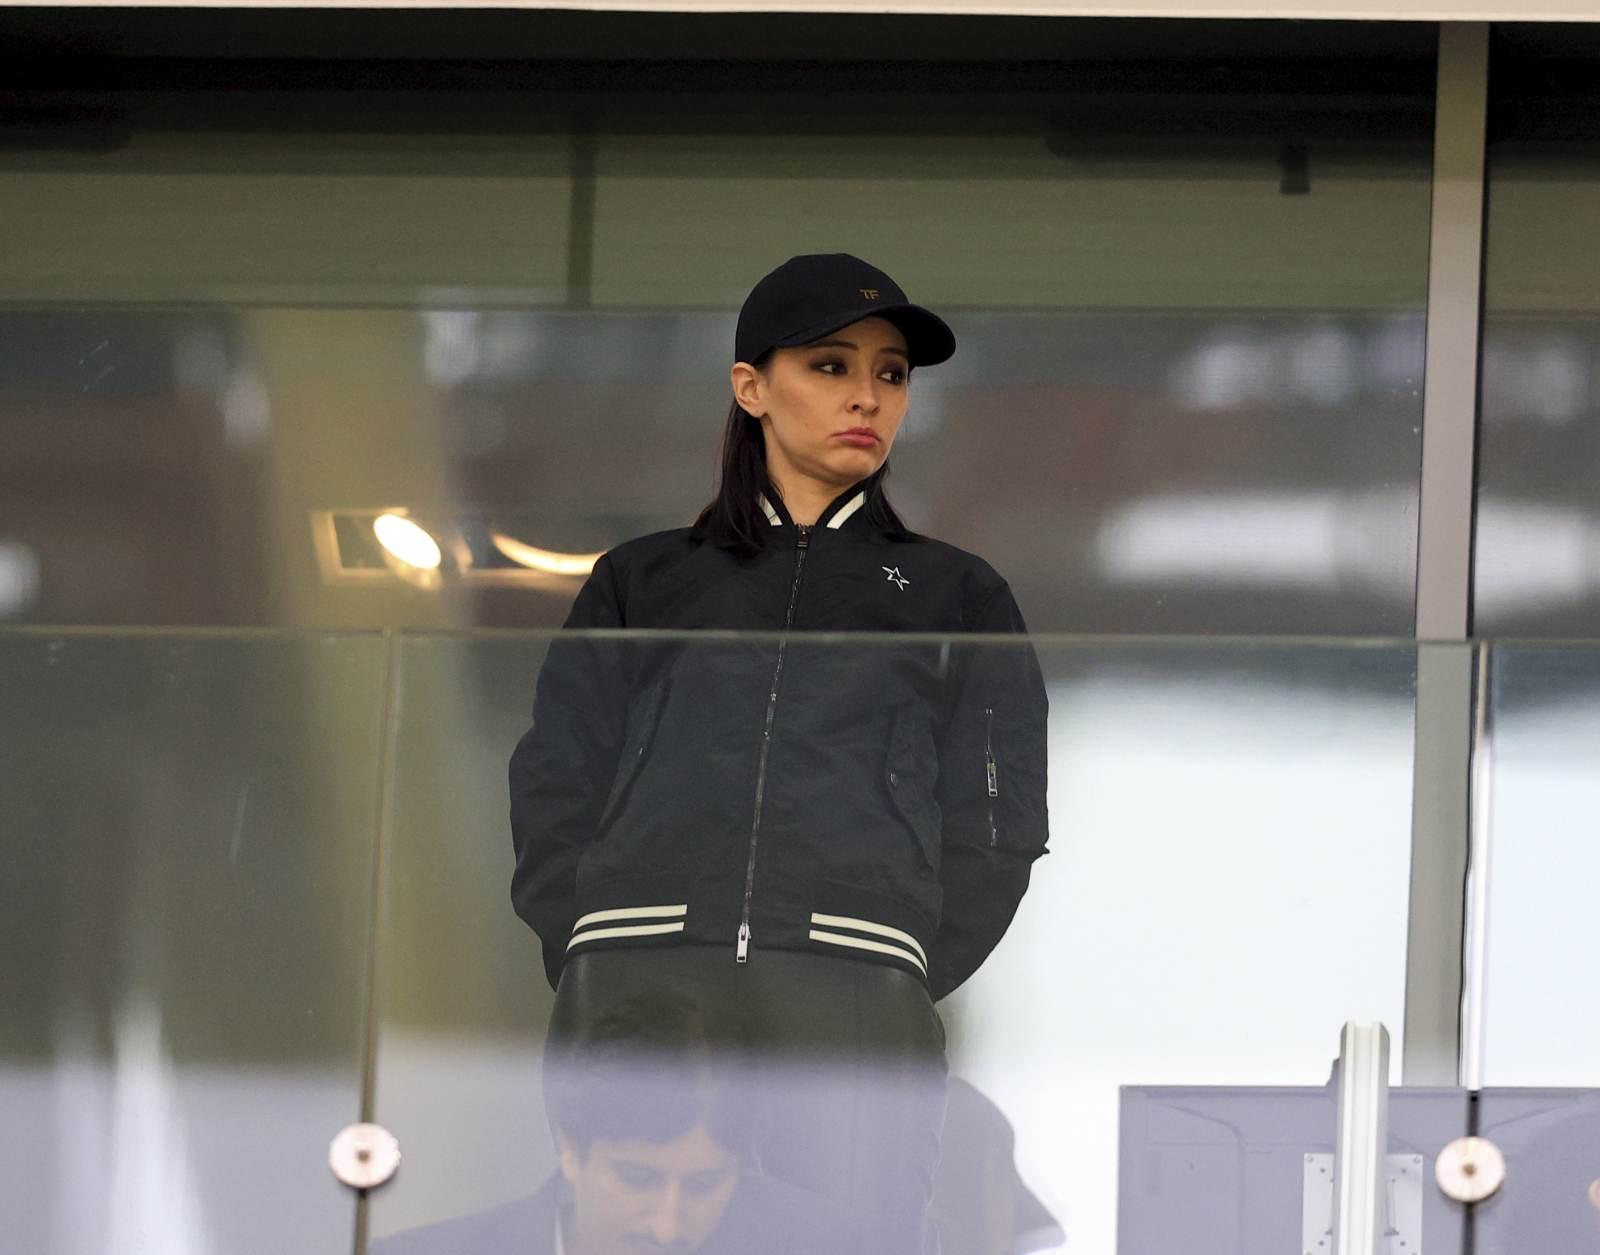 Салихова: «Гол «Спартака» отменили, пенальти в ворота ЦСКА не назначен - идём по графику»